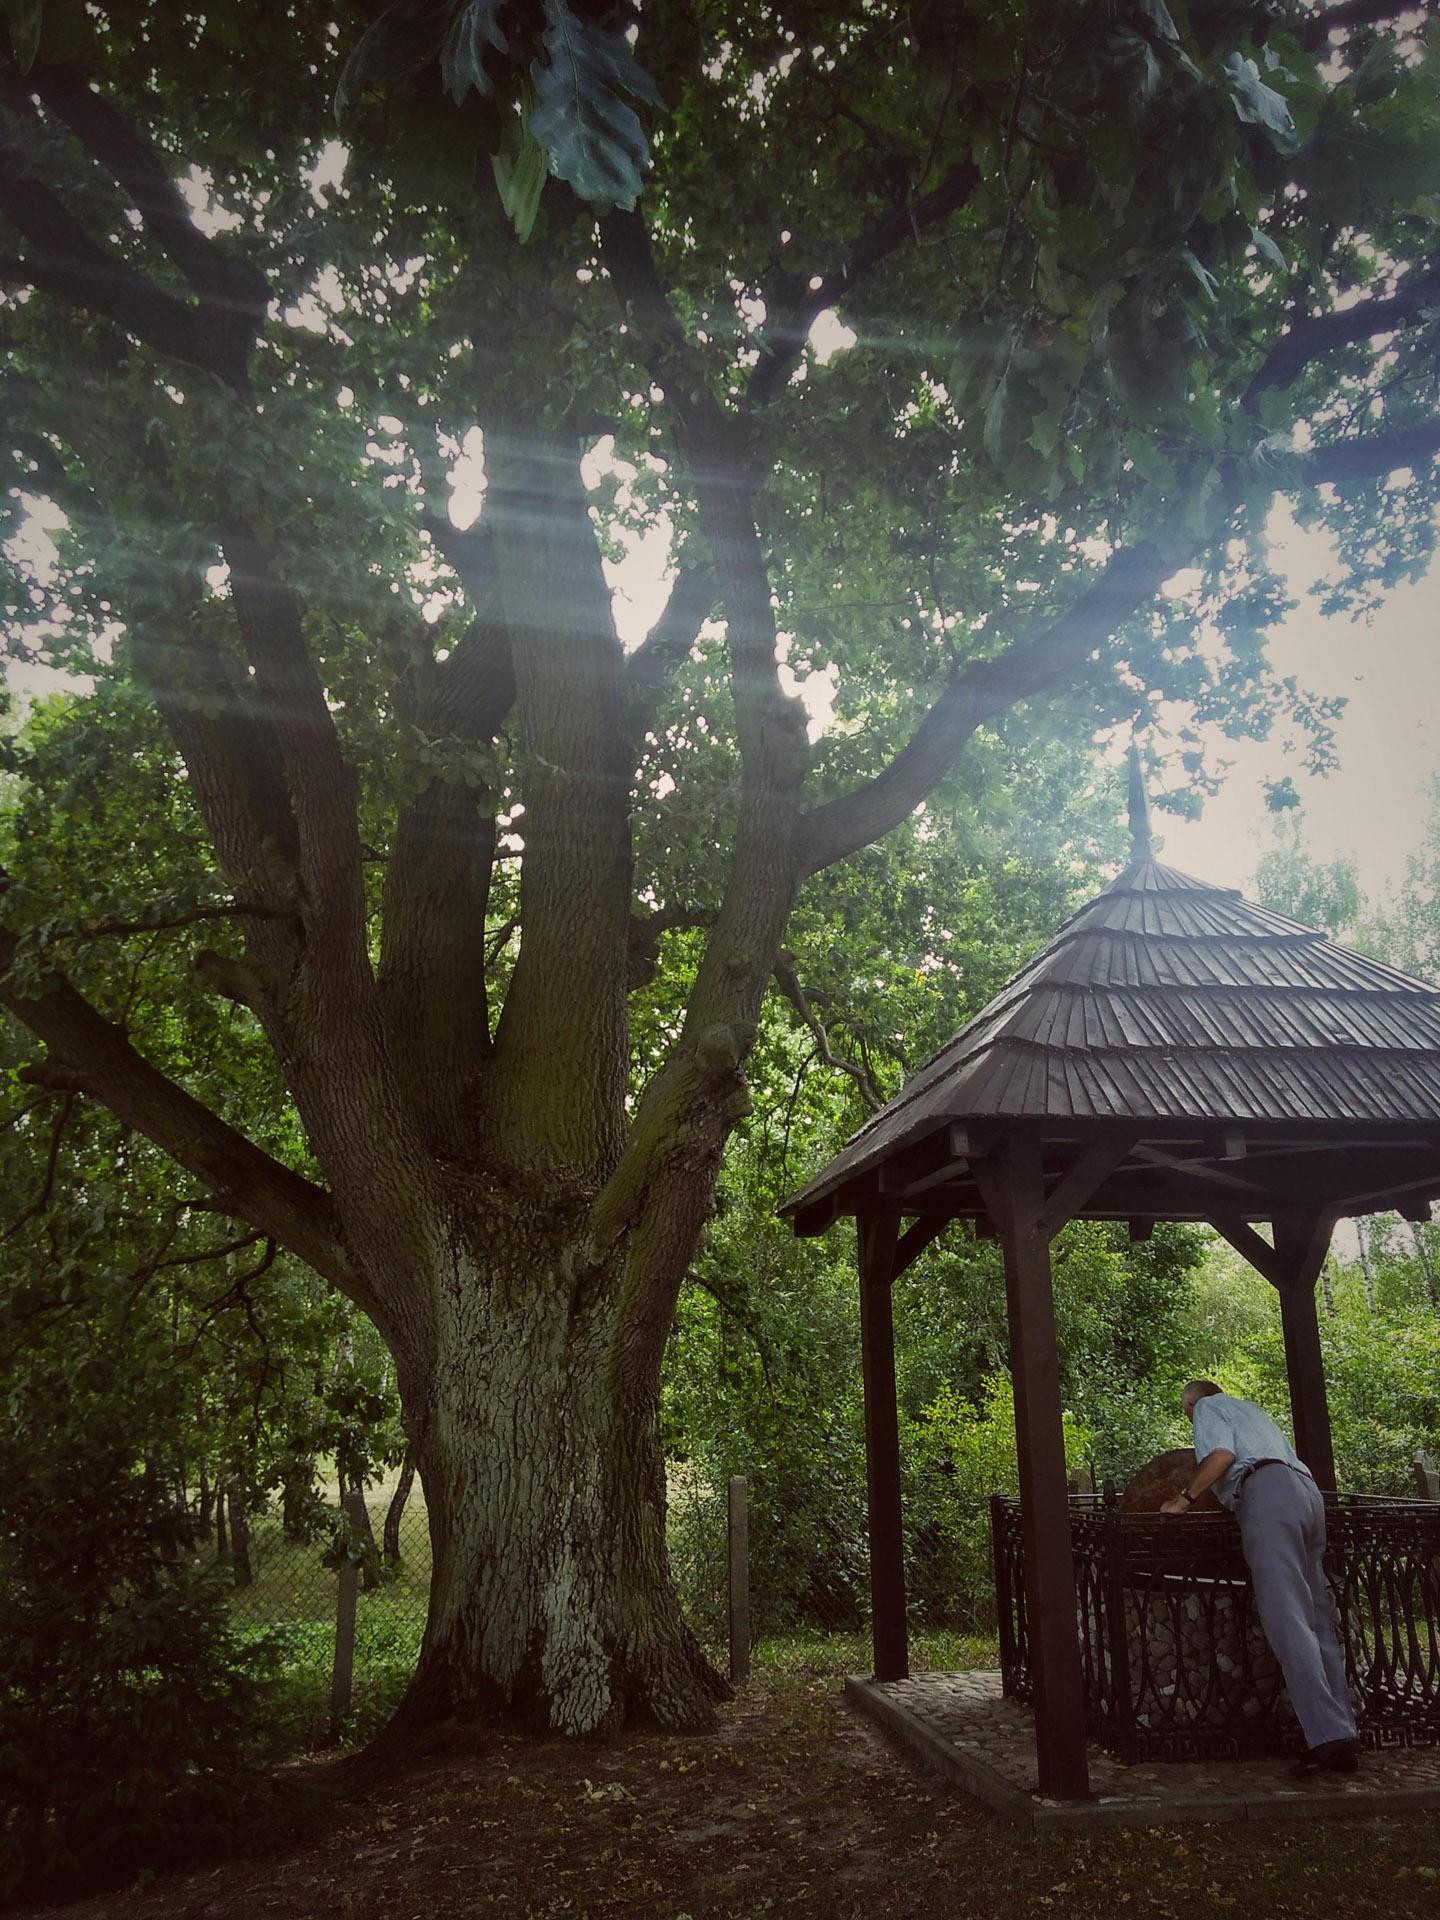 Studnia pod drzewem przy kaplicy na puszczy w Dobrowie. Fot. Joanna Skowrońska